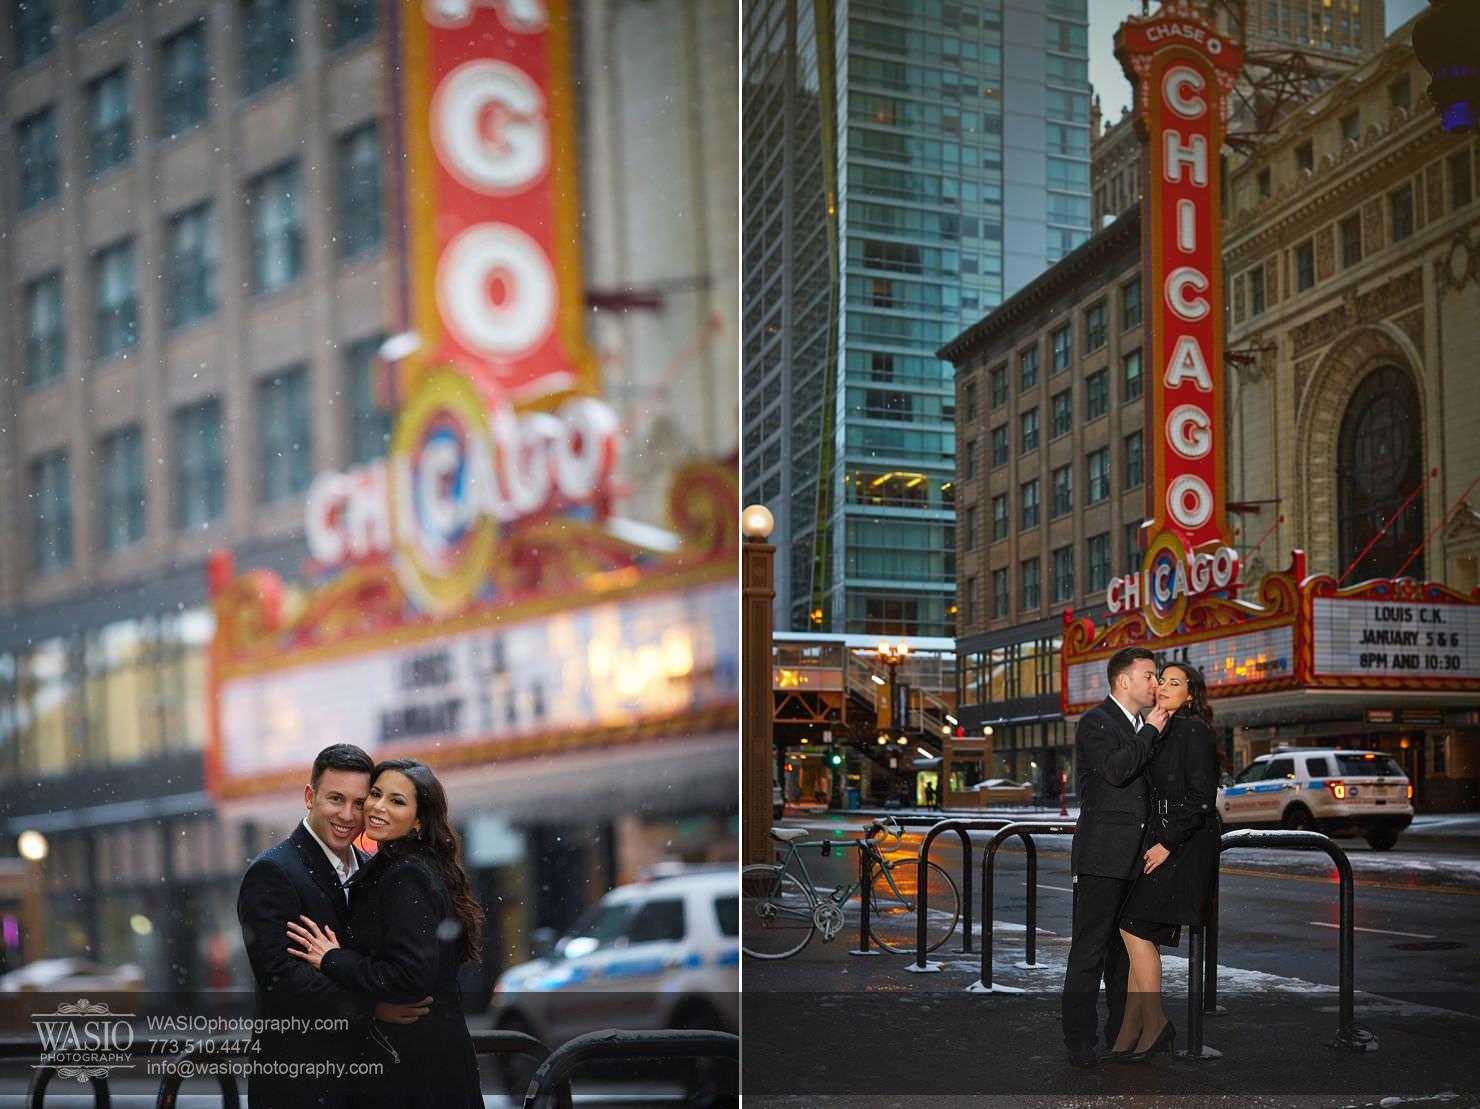 002-Chicago-Winter-Engagement Chicago Winter Engagement - Chrissy + Andrew